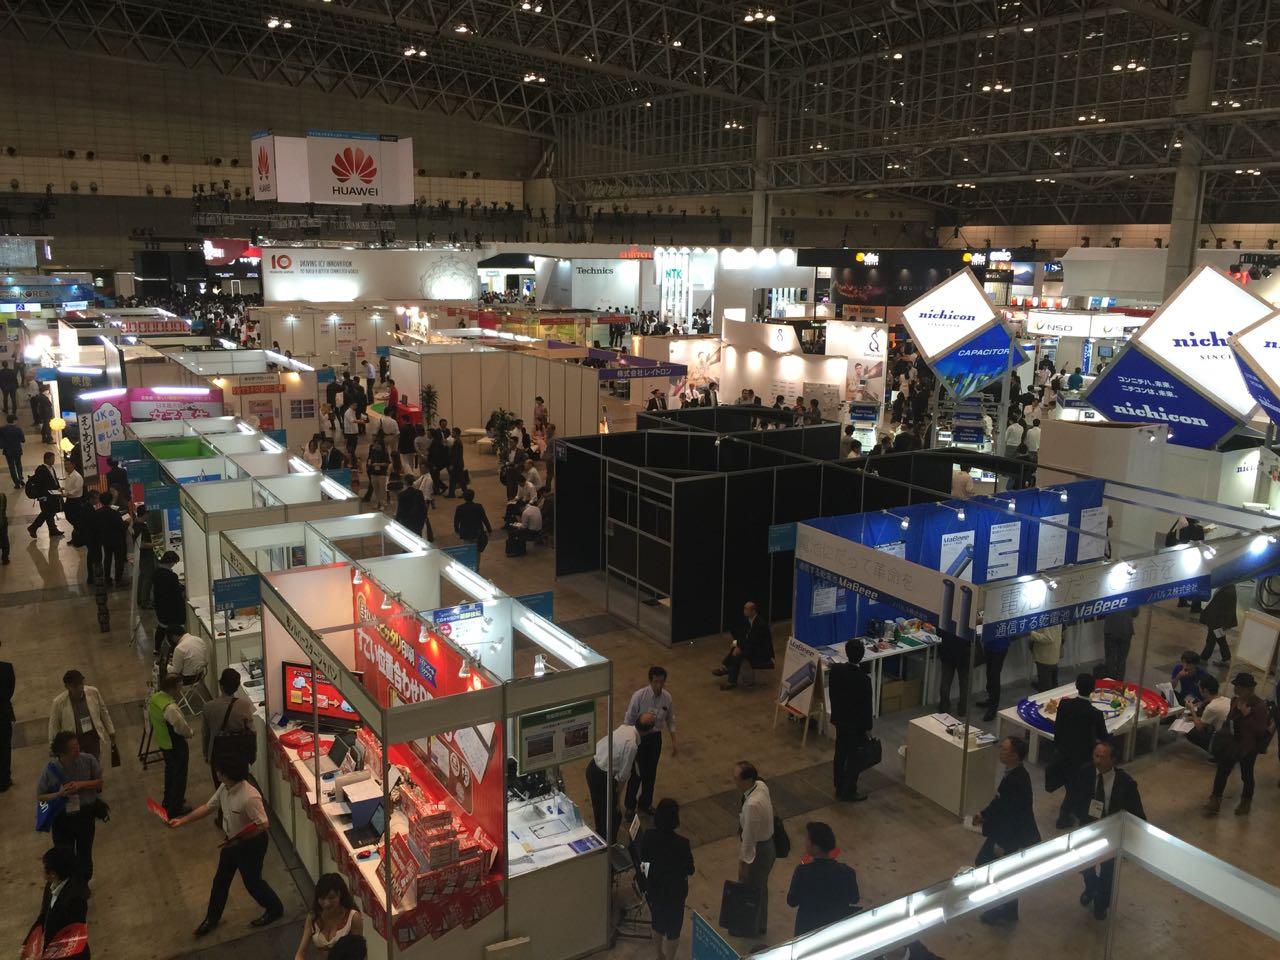 CEATECで注目すべきは、RoBoHoNよりlaundroidより、広島テレビの出展である